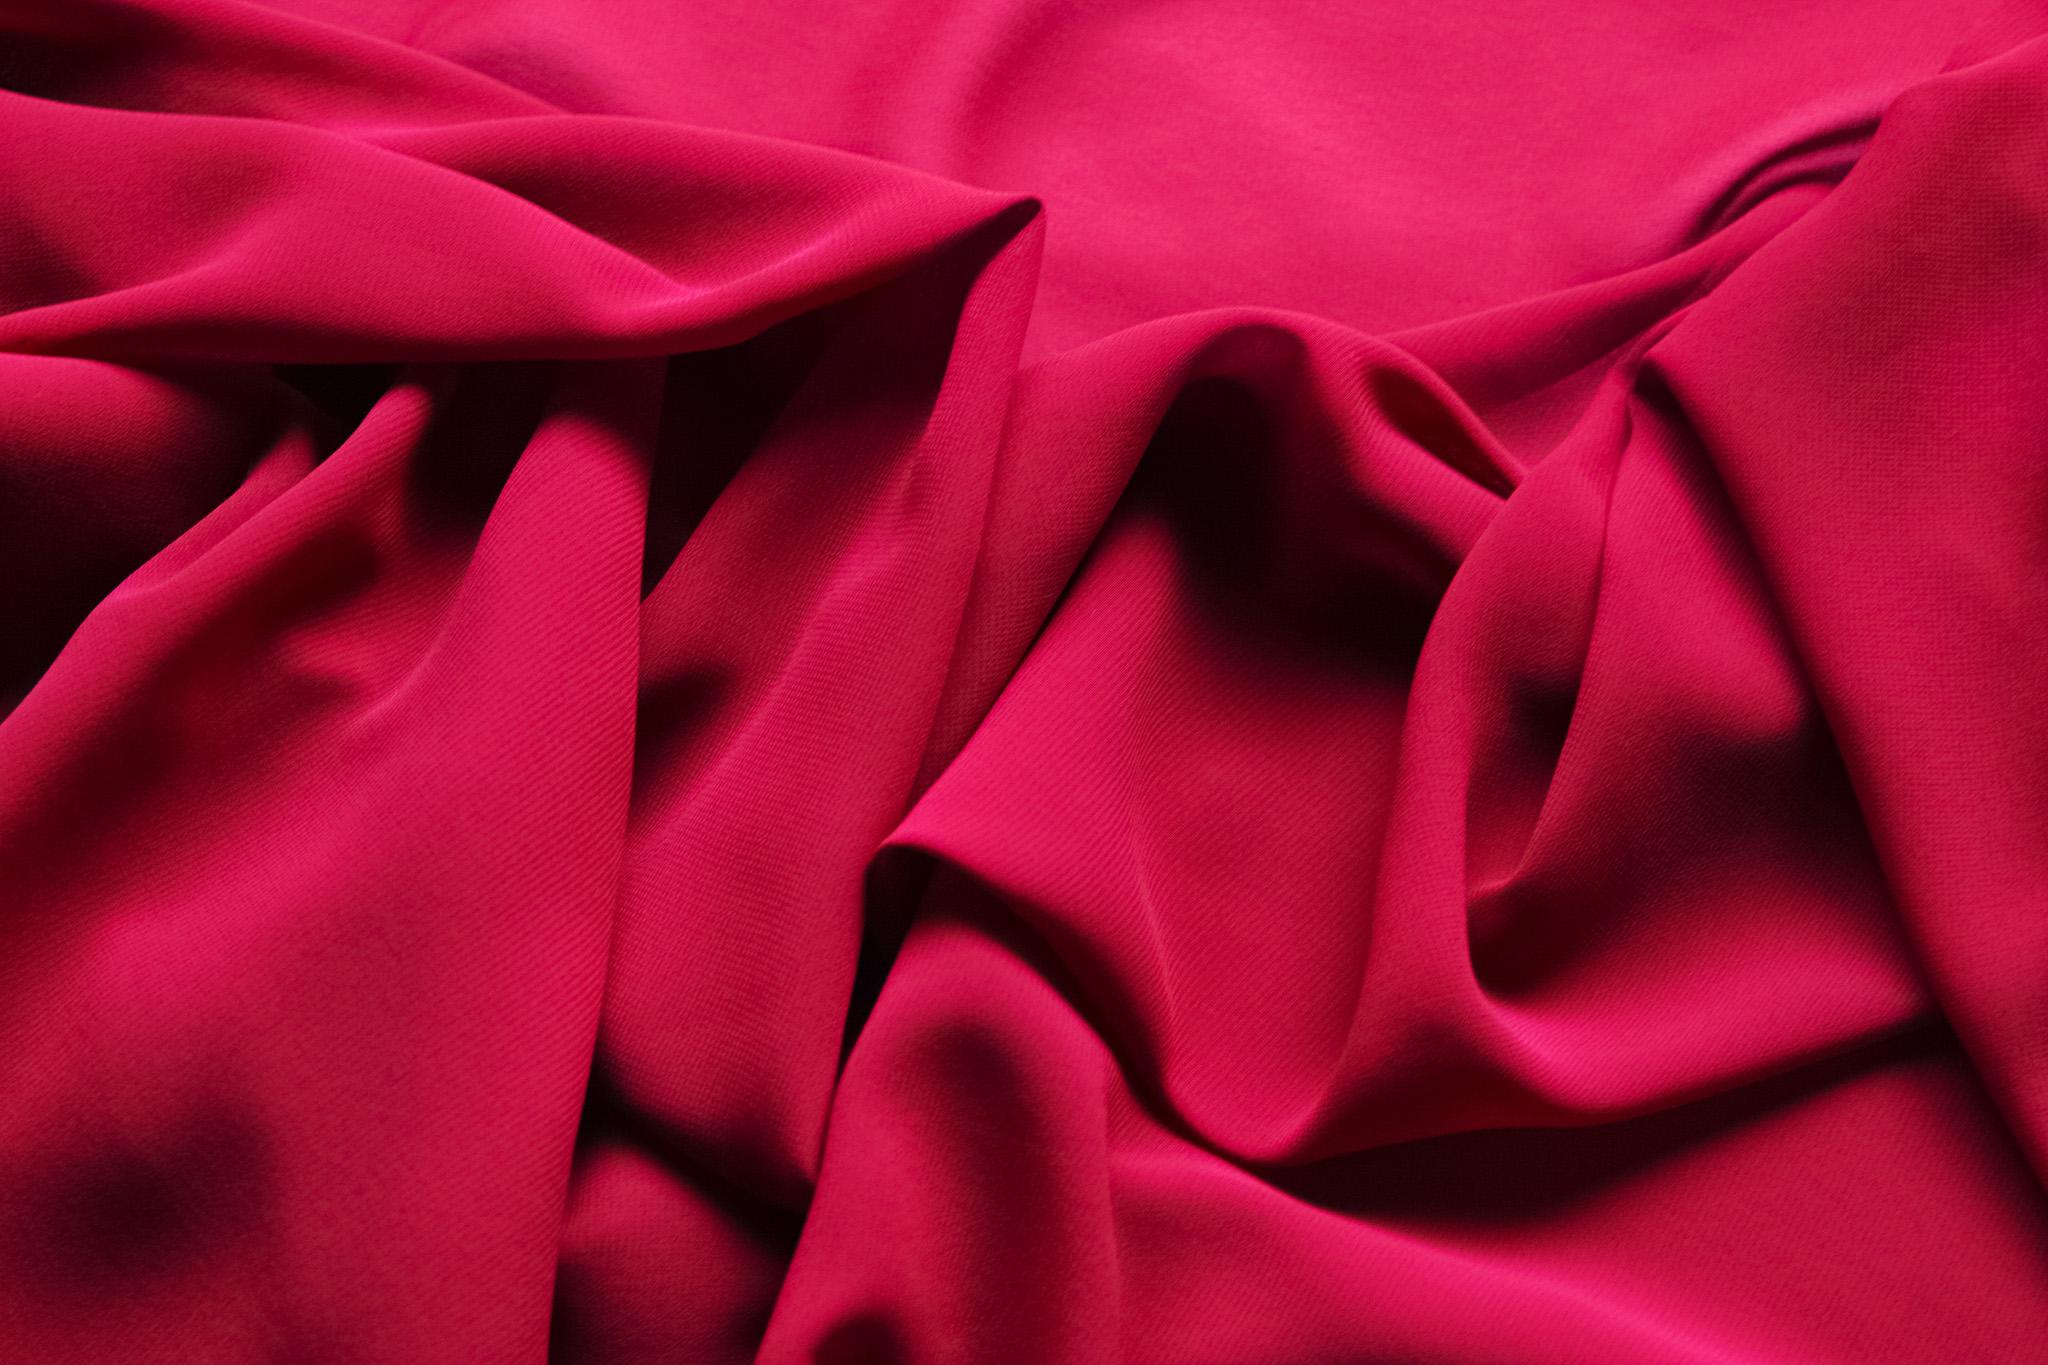 「赤い布地が柔らかく折り重る」